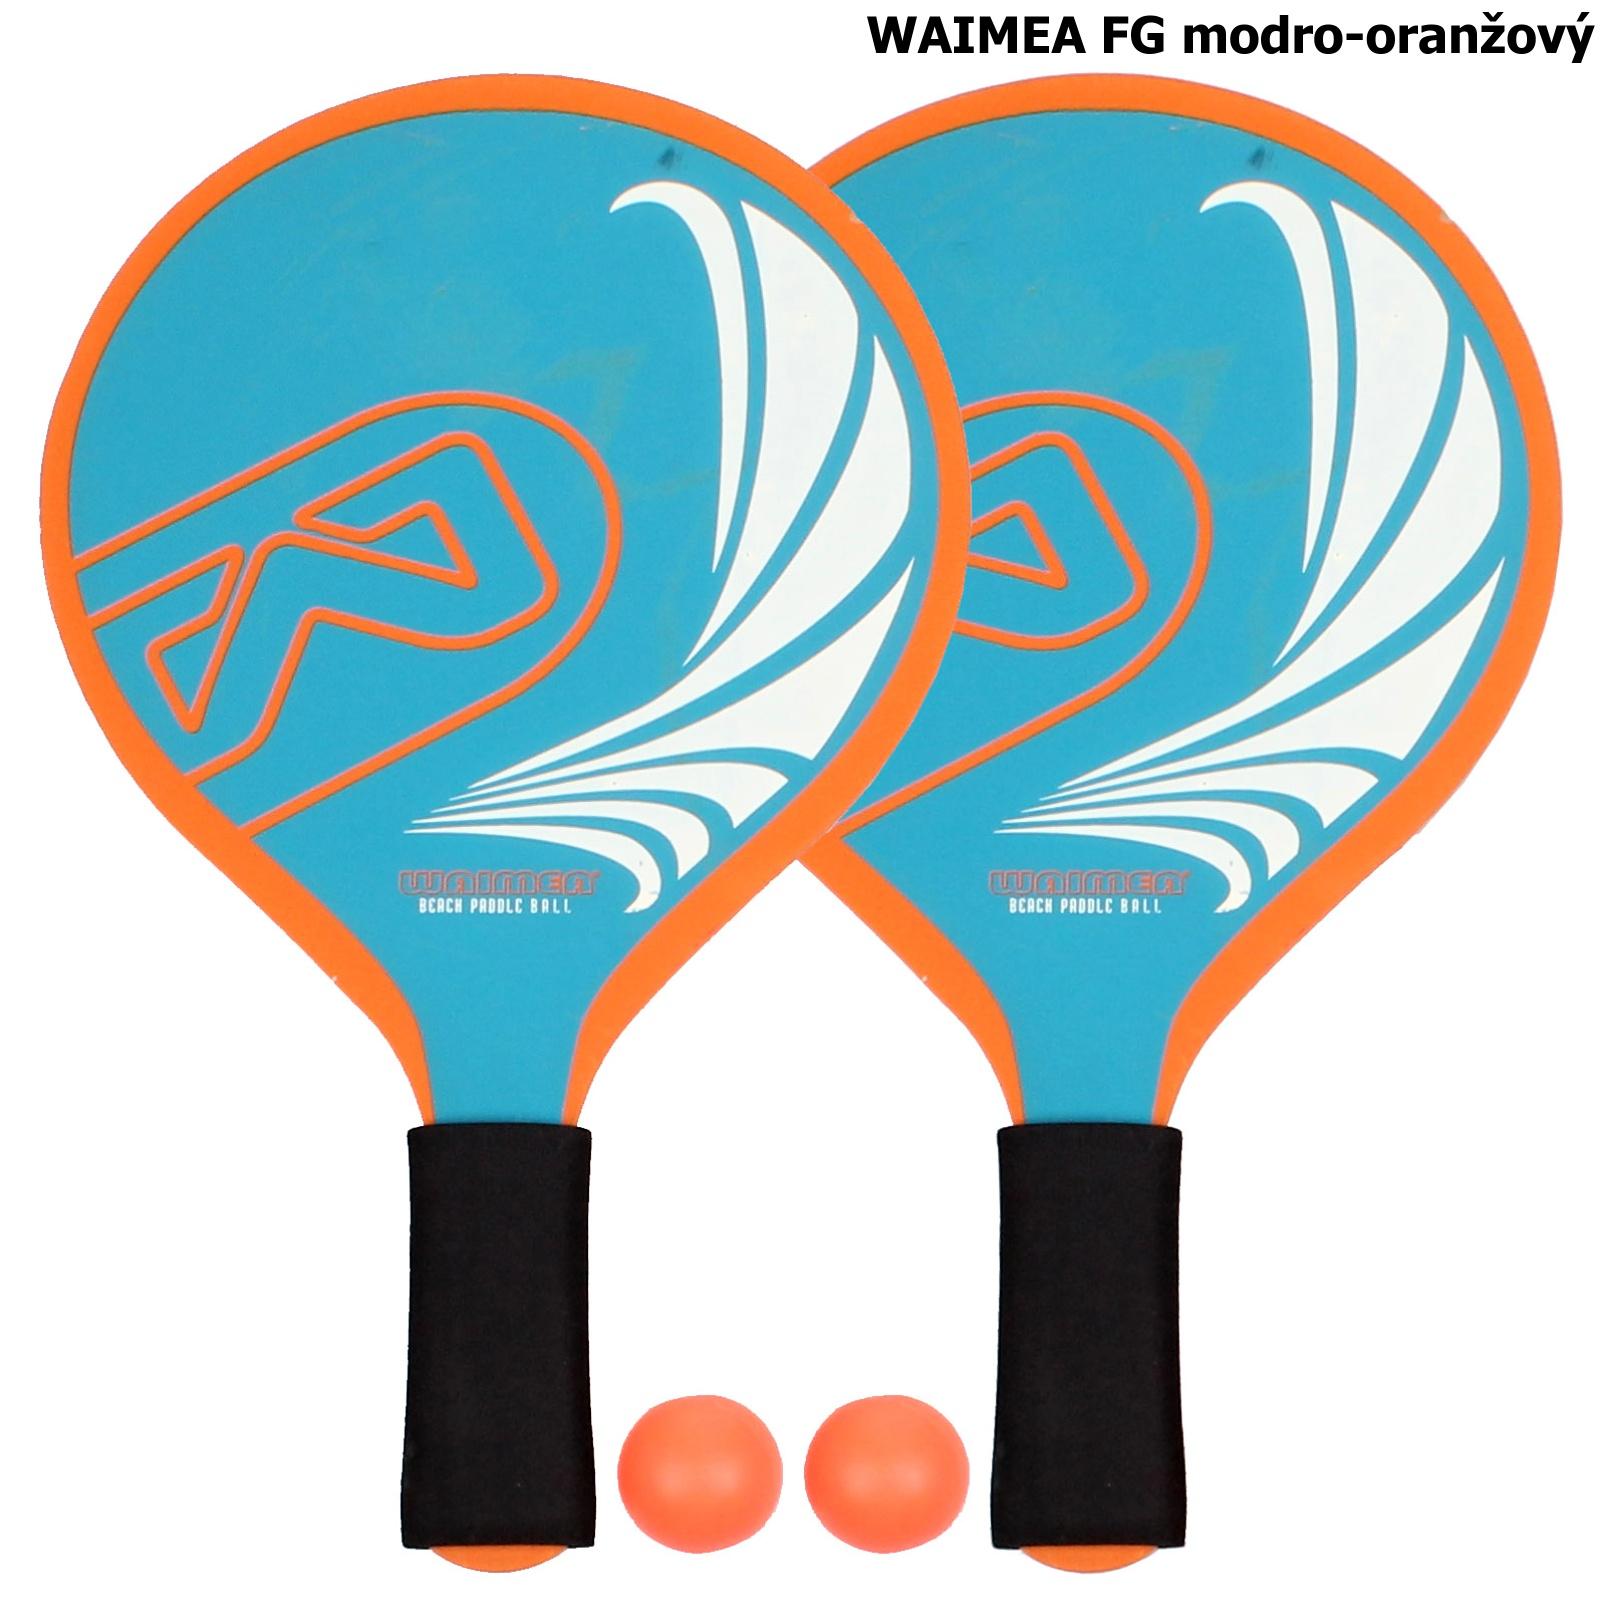 Plážový tenis WAIMEA FG - modro-oranžový